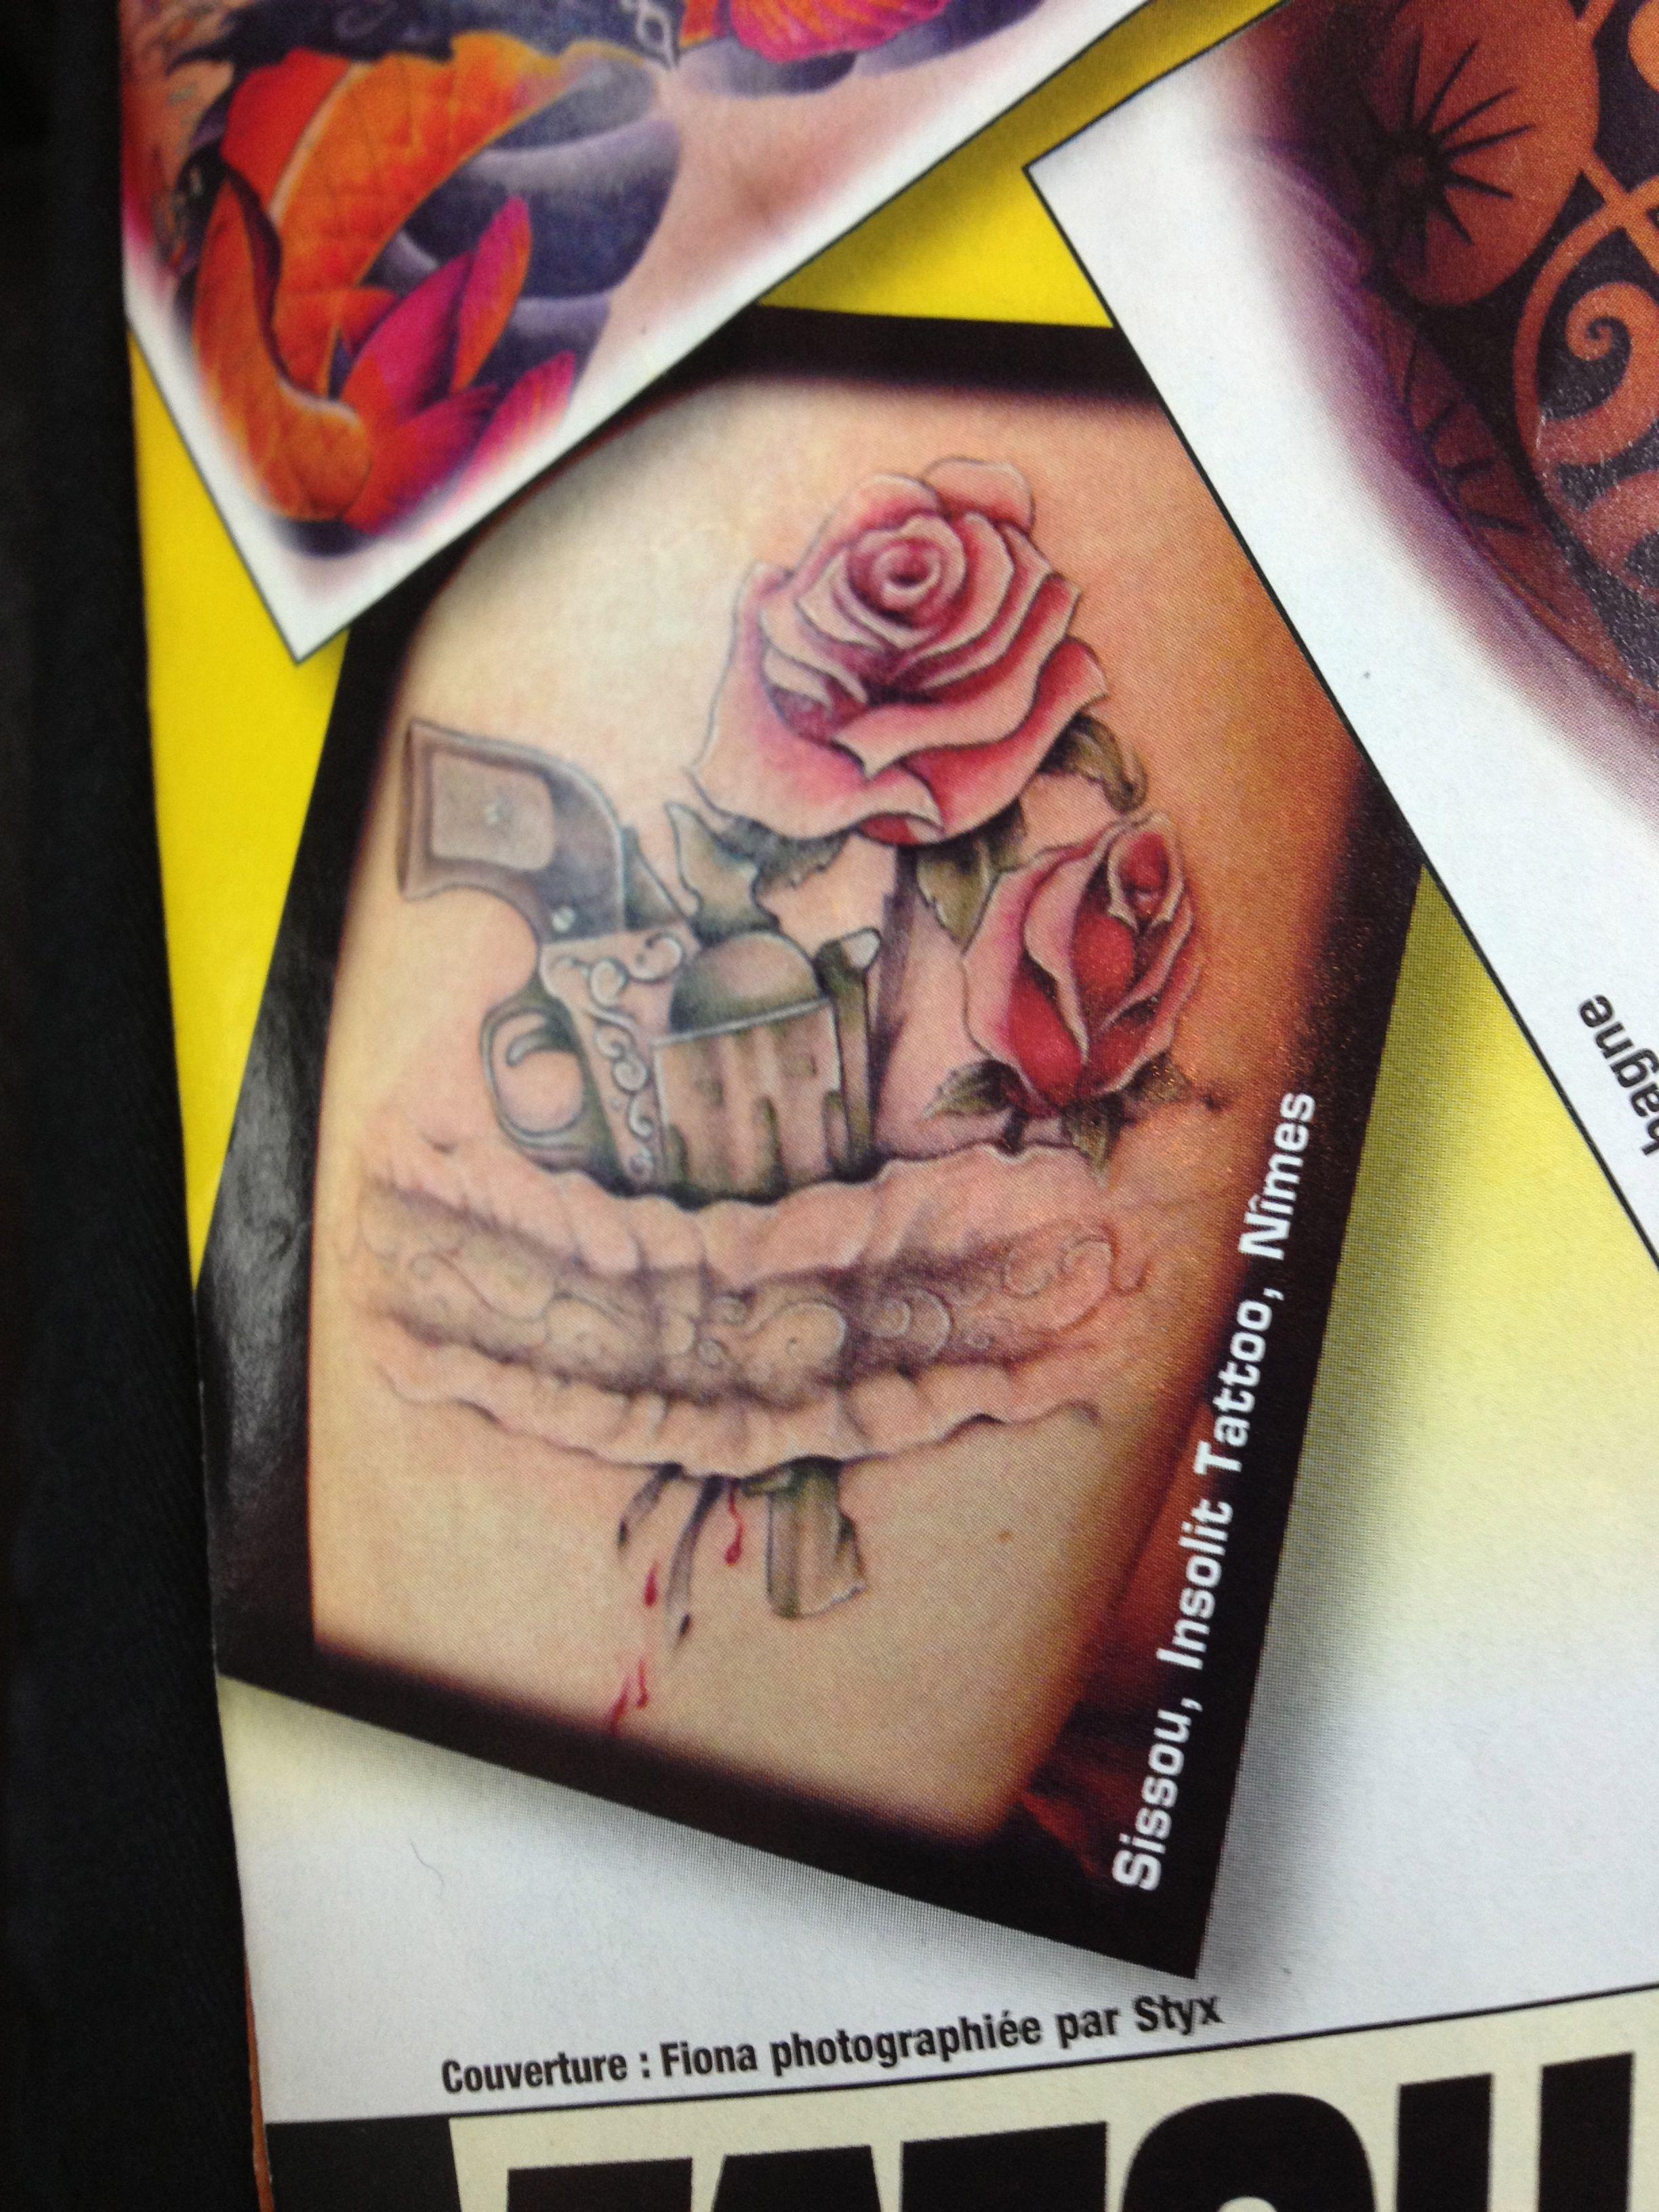 Tattoo Pistolet Avec Roses Sur La Cuisse Dans Une Jarretiere